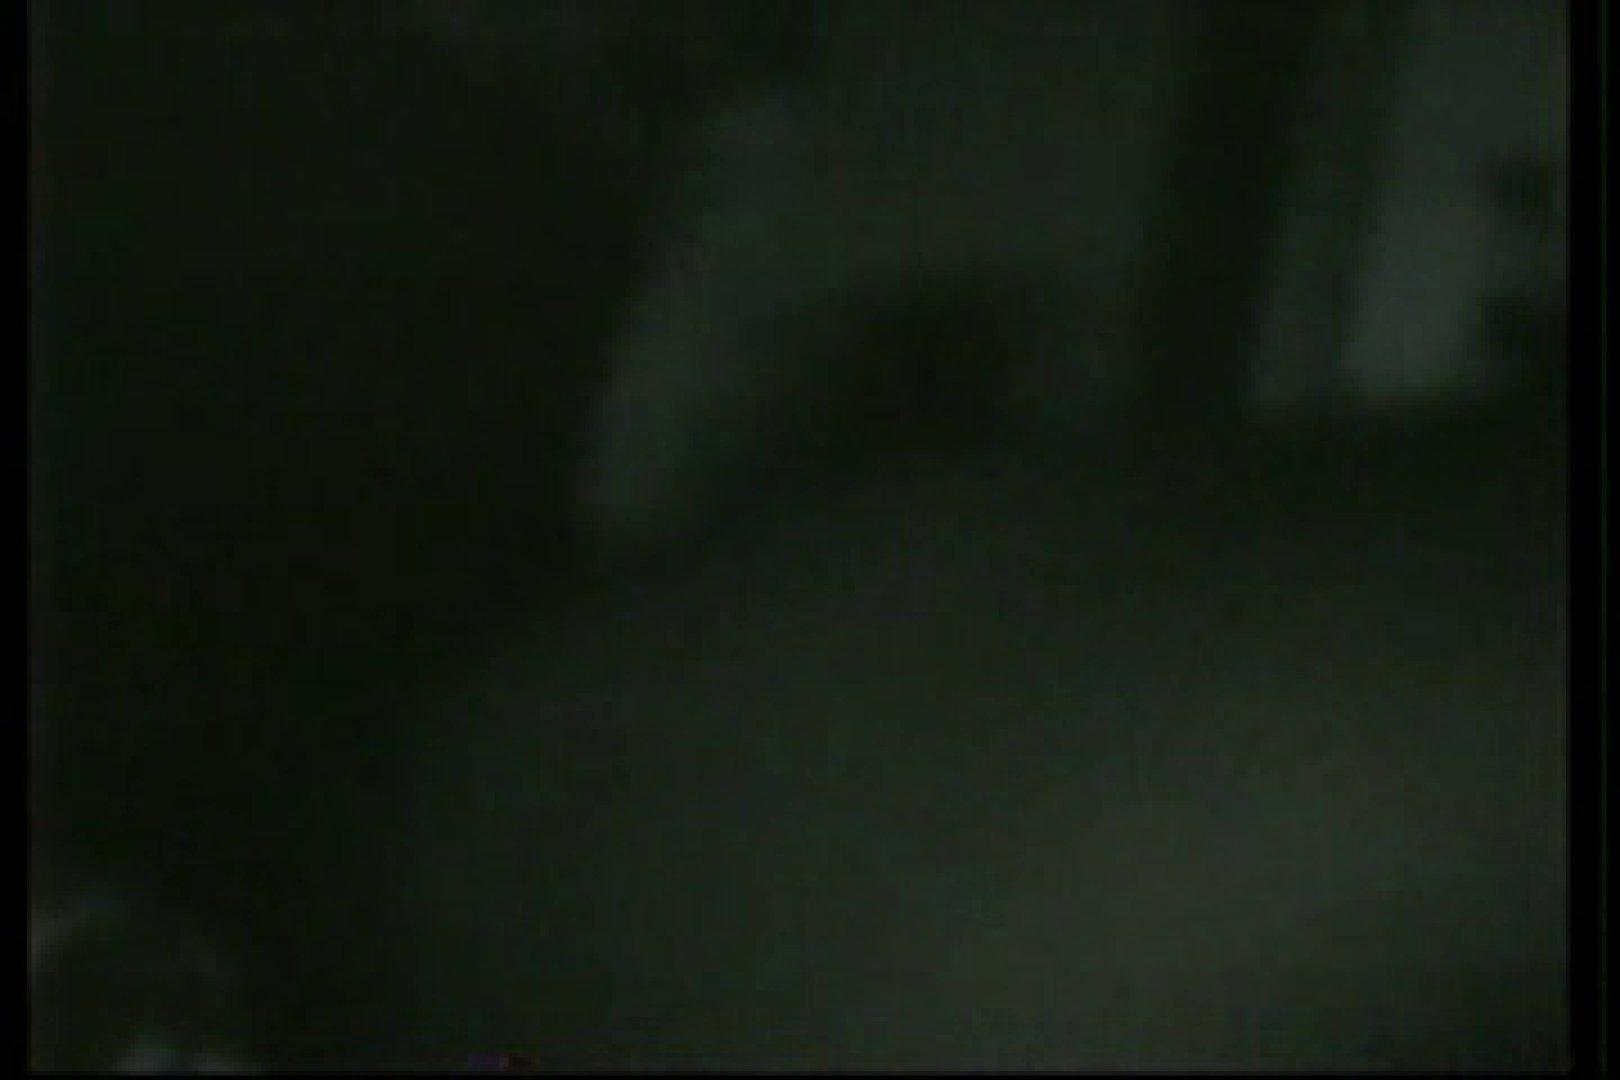 【実録個人撮影】男の子達の禁断の愛欲性活!!vol.02(対女性アナル責め) アナル挿入 ゲイ丸見え画像 59pic 38